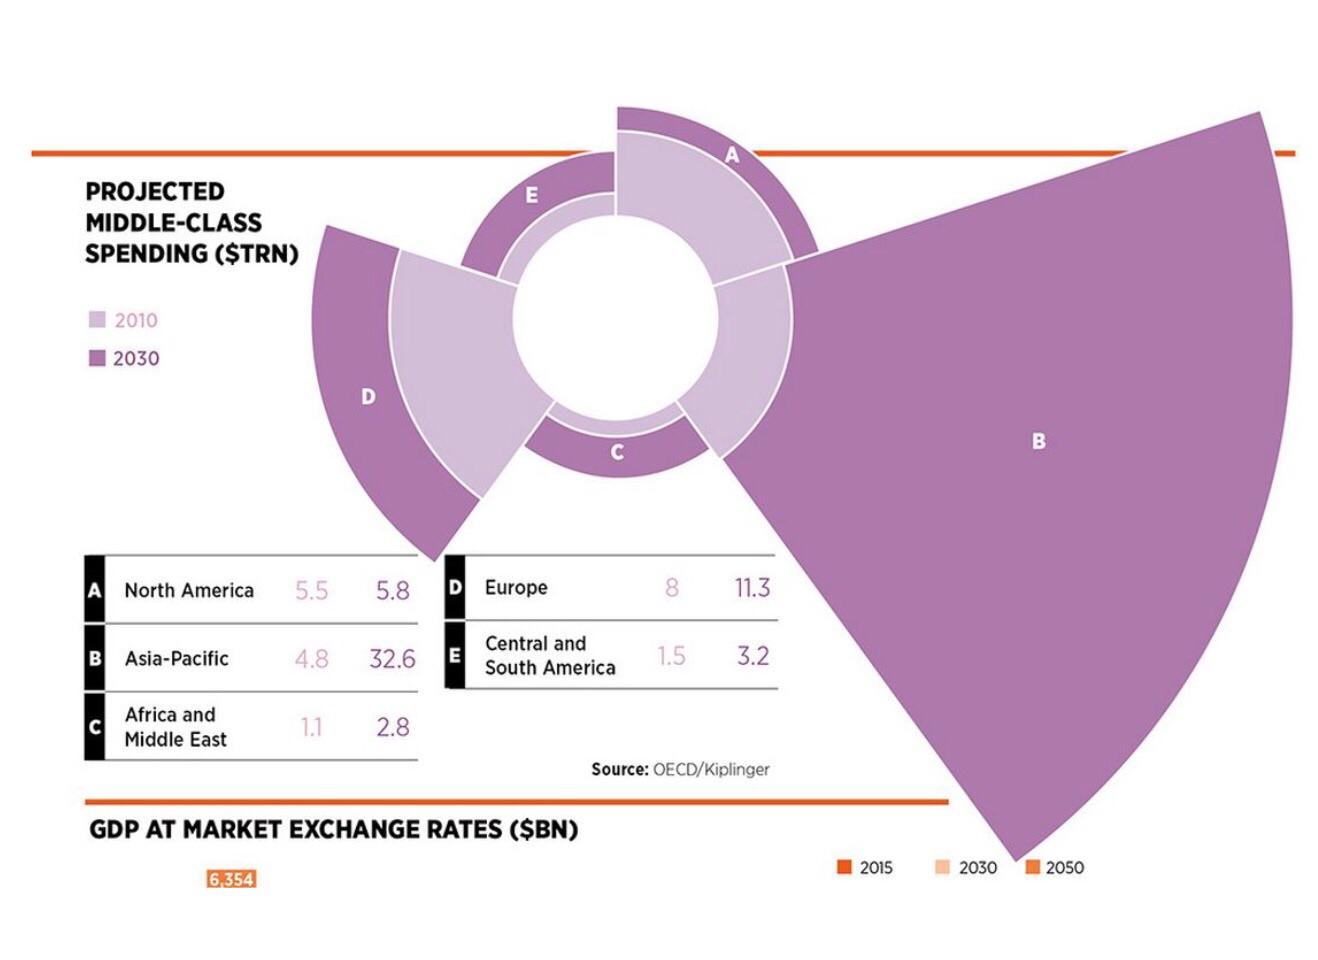 image: OECD at www.kiplinger.com